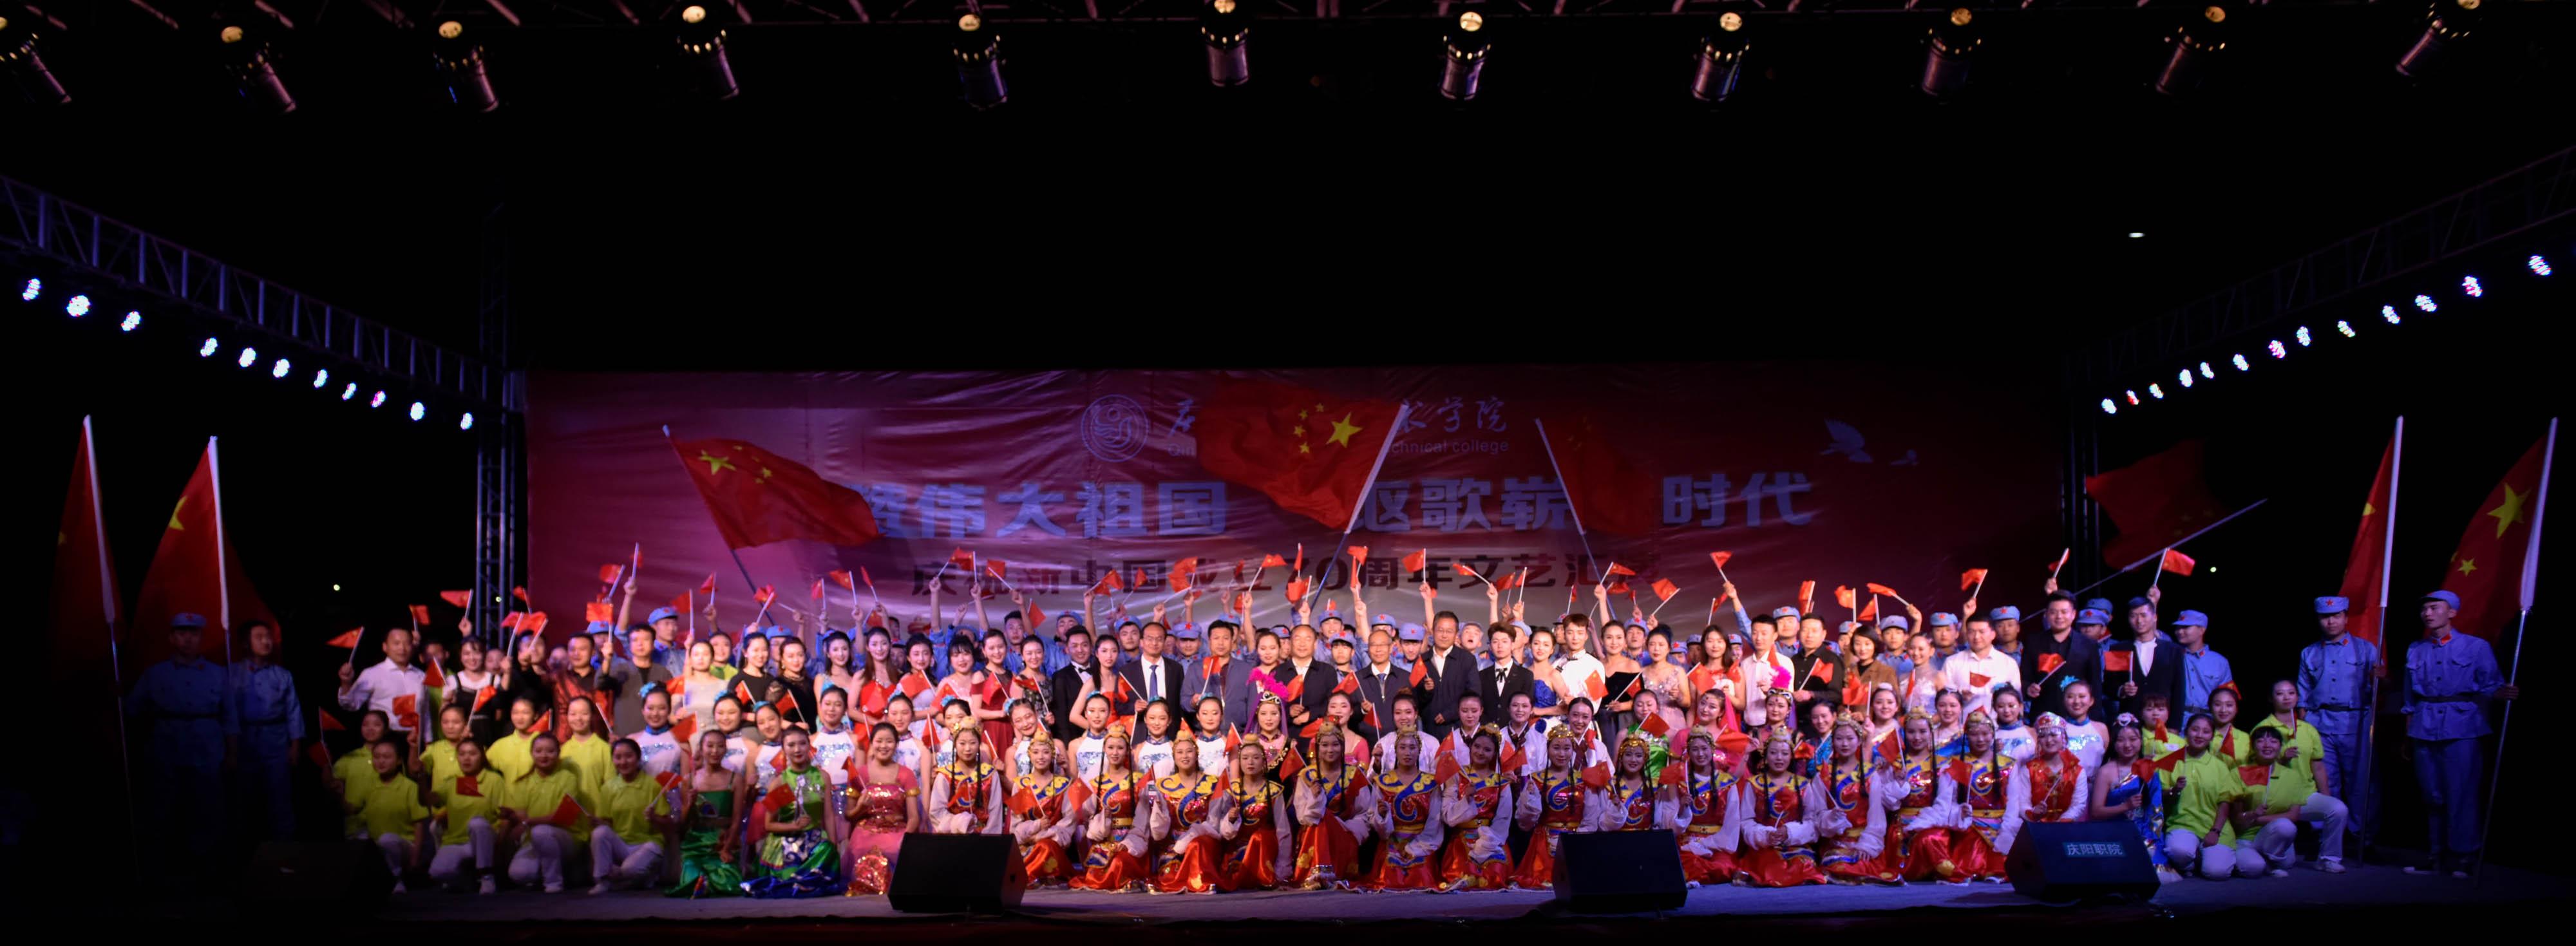 礼赞伟大祖国  讴歌崭新时代  ——beplay体育官网举办庆祝新中国成立70周年文艺汇演